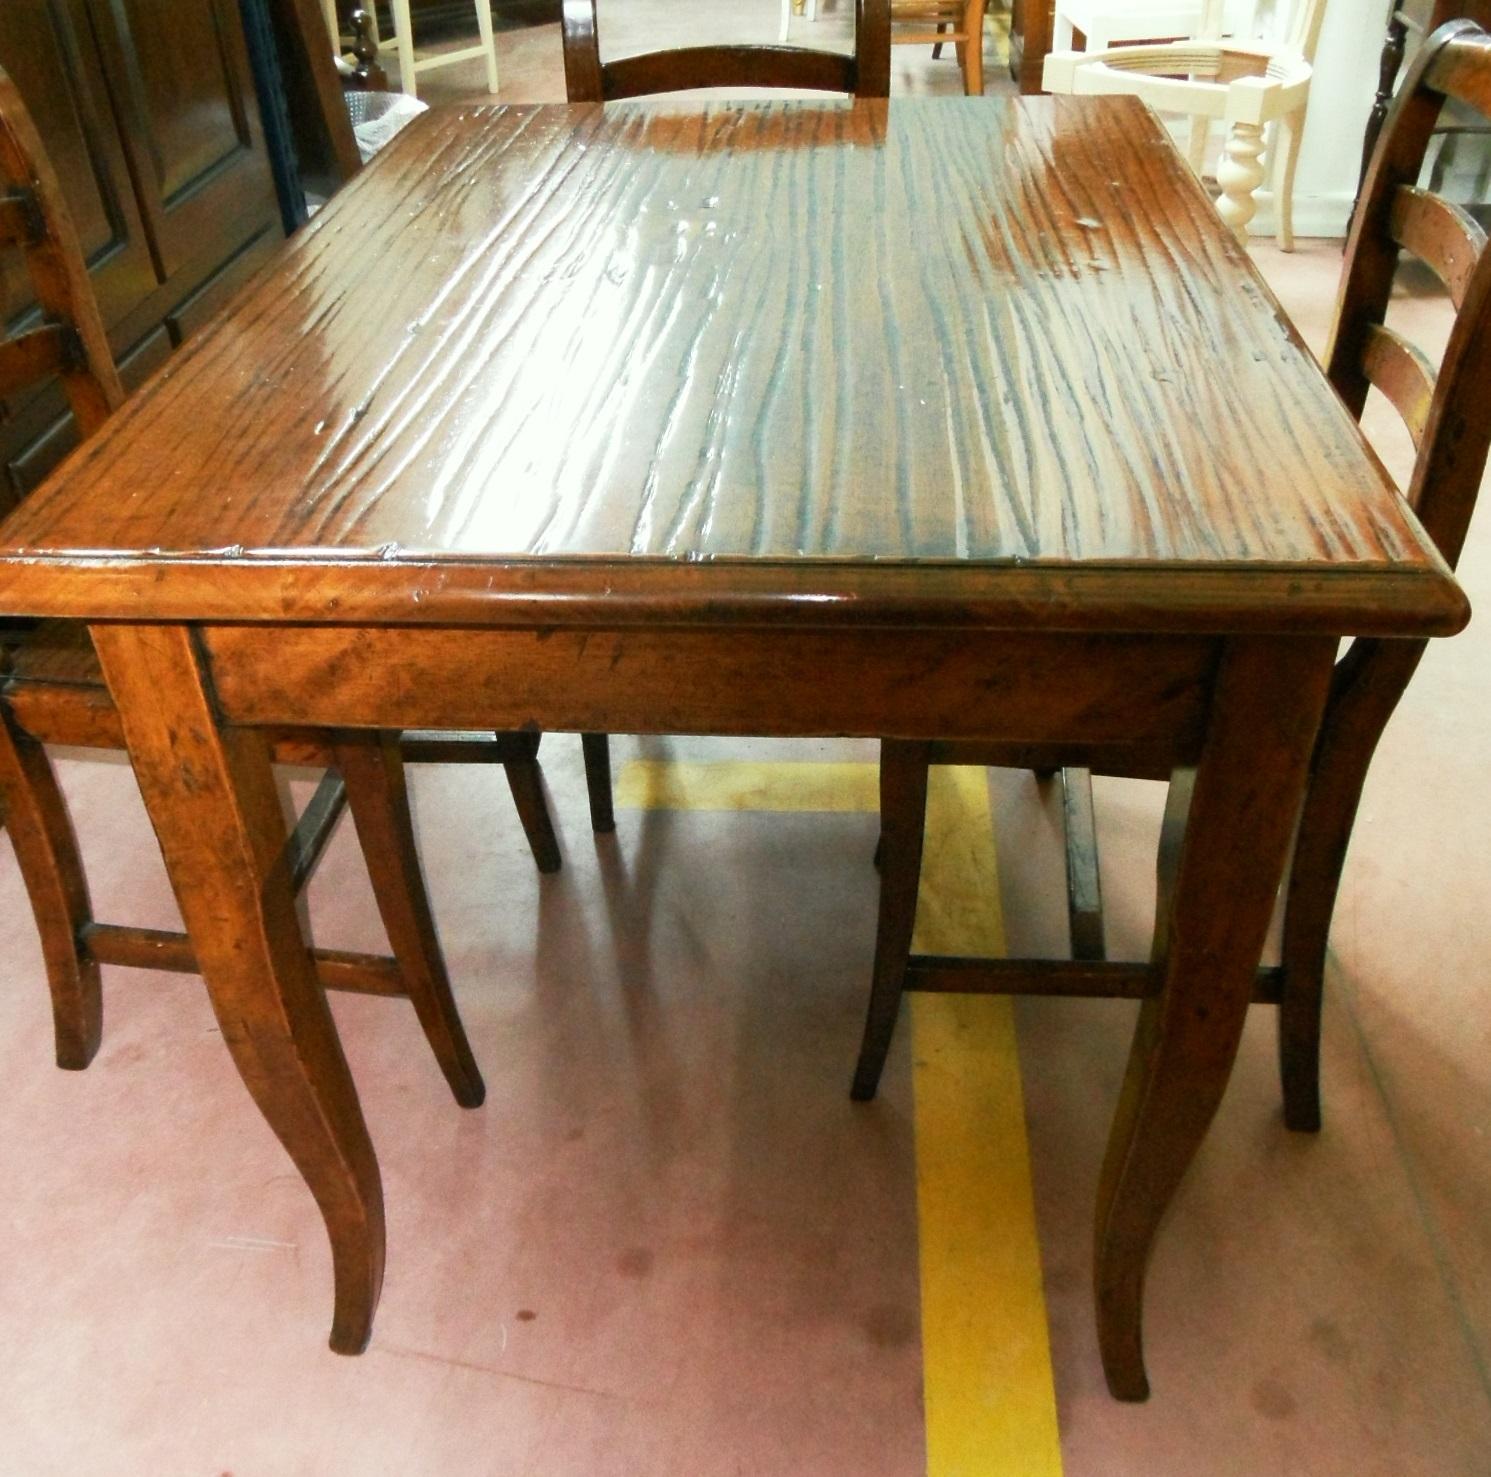 Tavolo da cucina con sedie scontato del 60 tavoli a for Sedie da tavolo